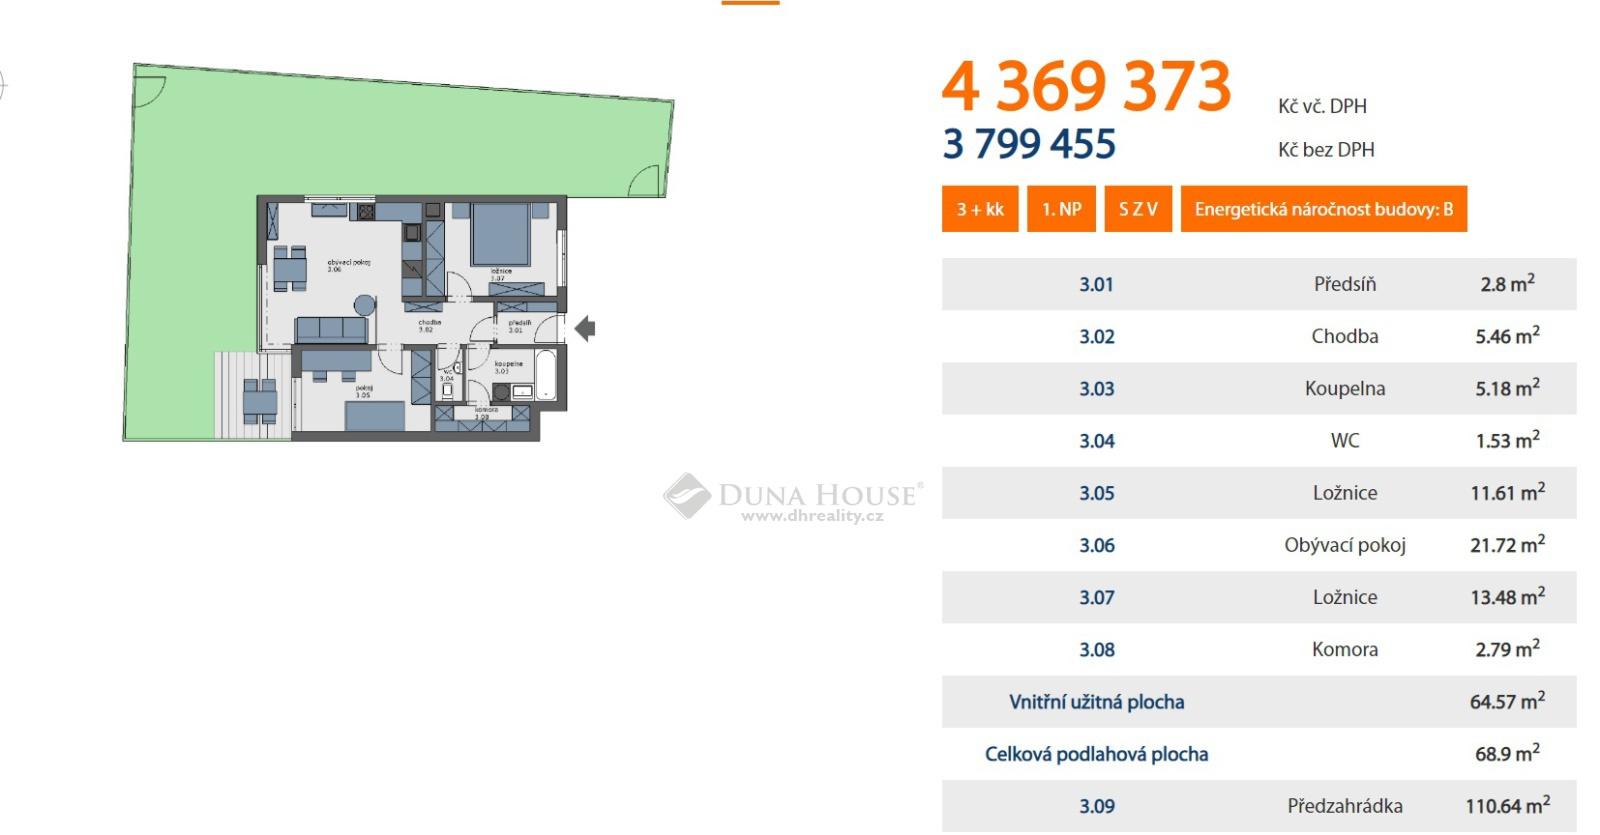 Prodej bytu, Postřižínská, Odolena Voda